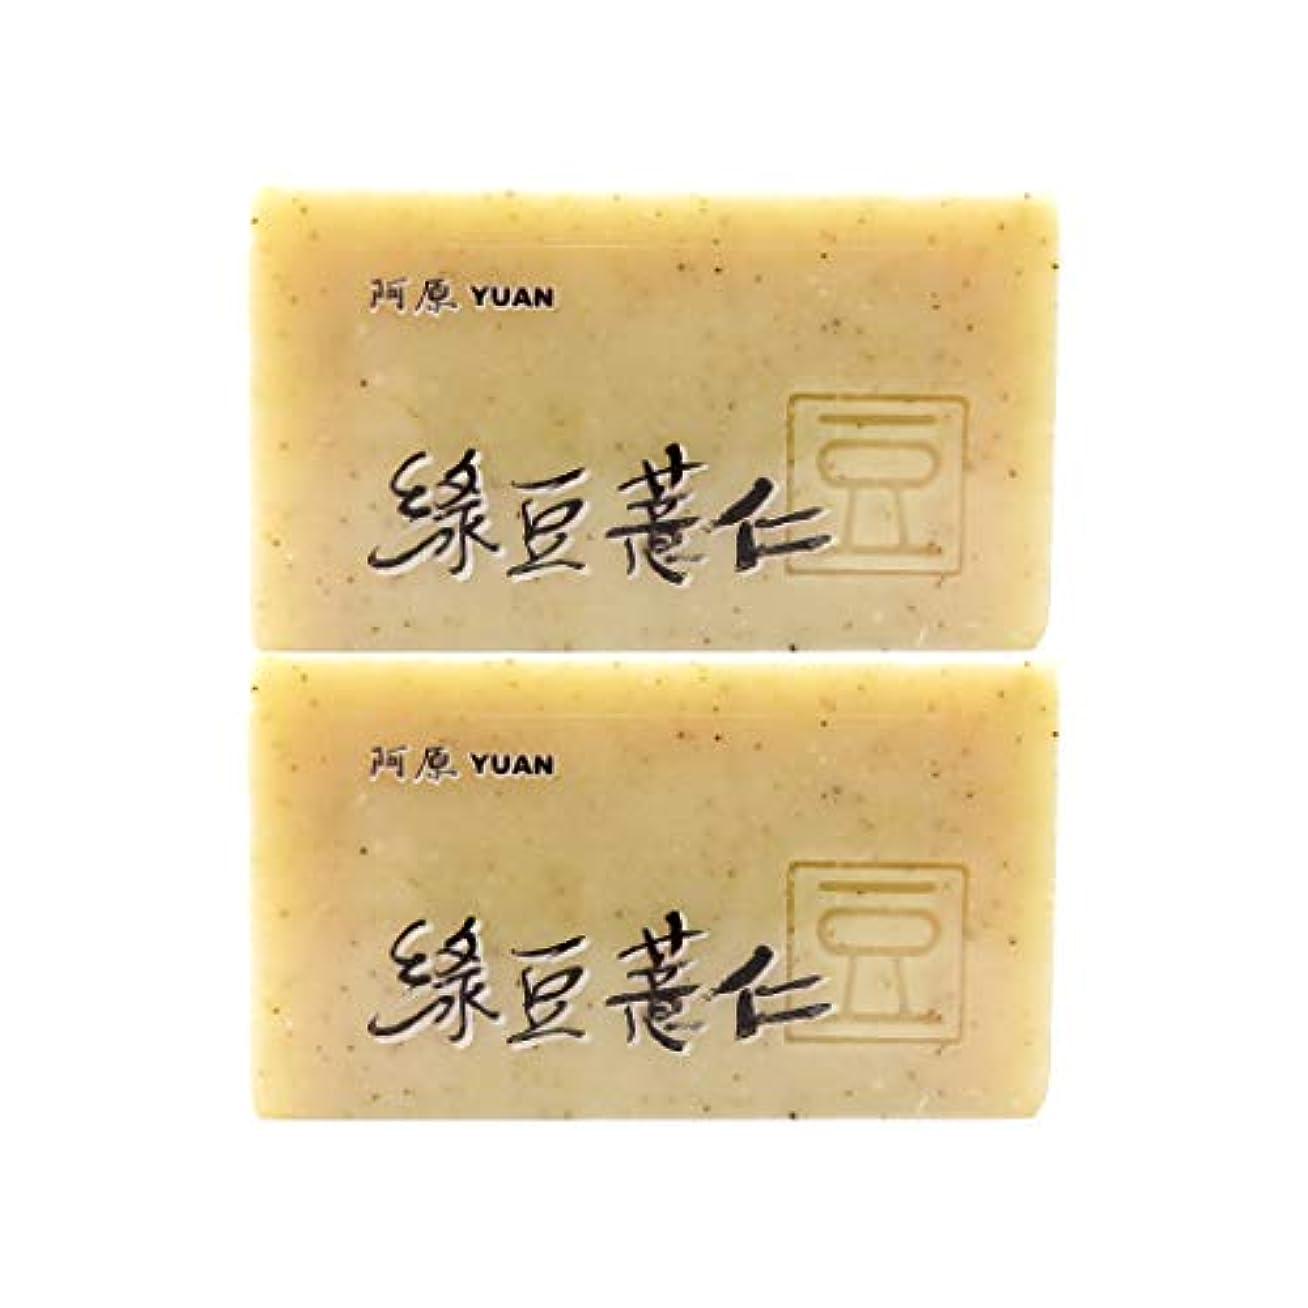 石炭援助するブレーキユアン(YUAN) ハトムギ+リョクトウソープ 100g (2個セット)